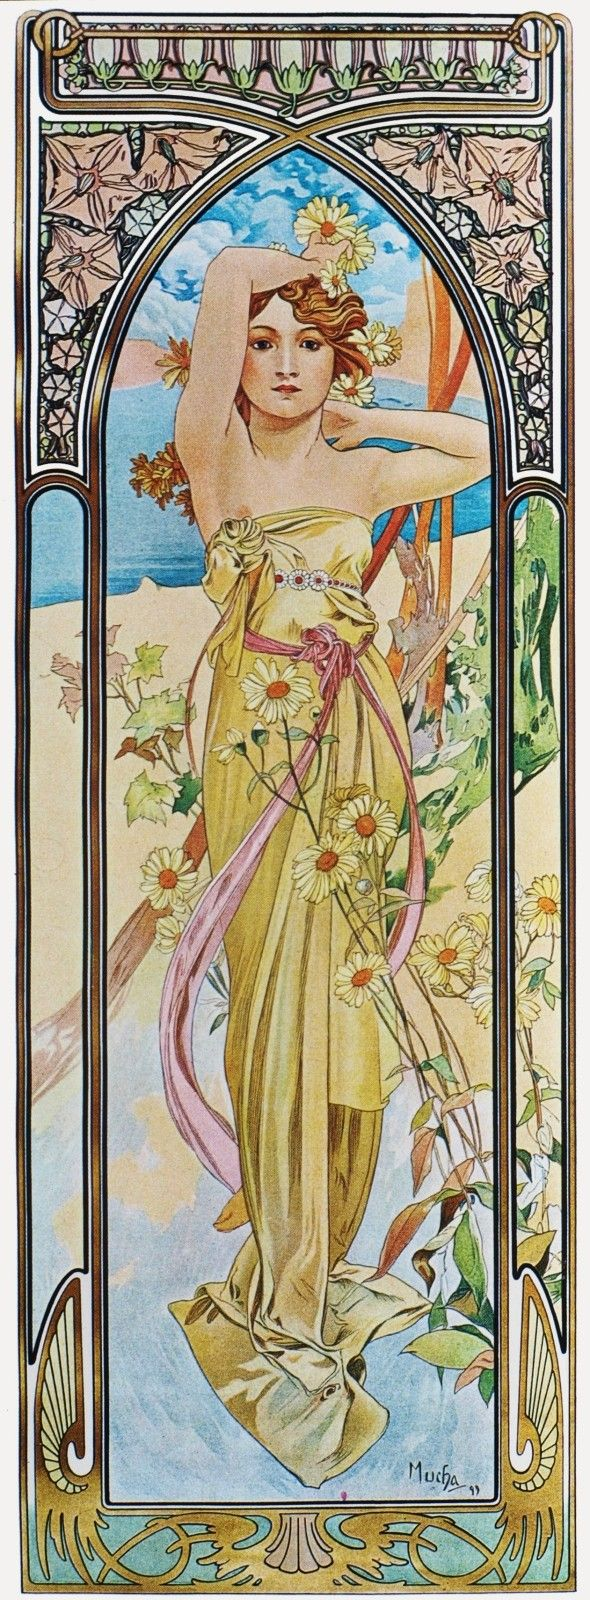 Alphonse Mucha -Ilustrador - Checo                                                                                                                                                                                 Más